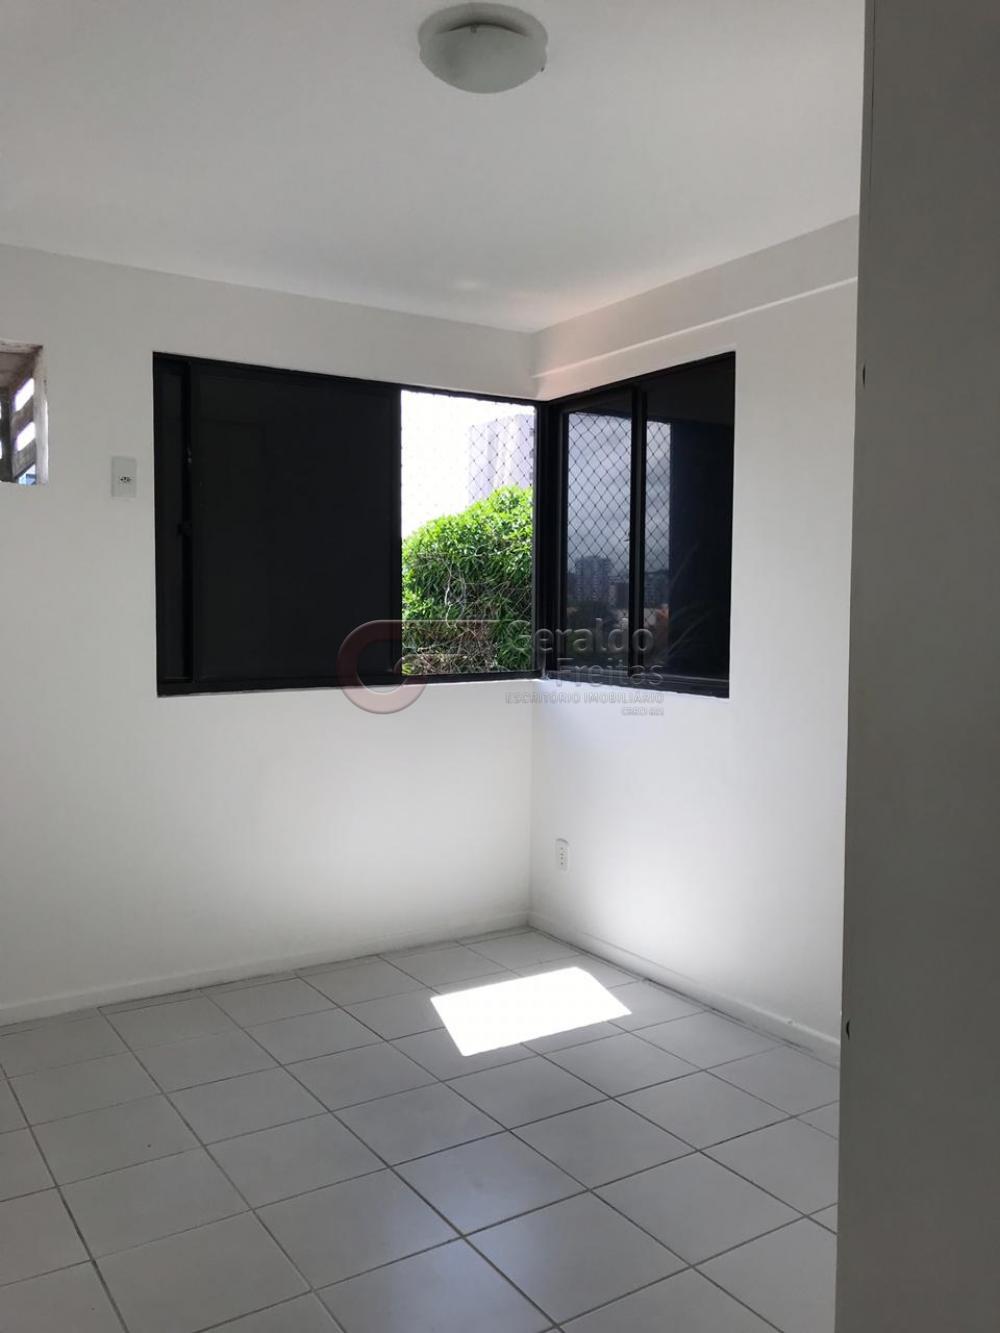 Comprar Apartamentos / Padrão em Maceió apenas R$ 440.000,00 - Foto 10